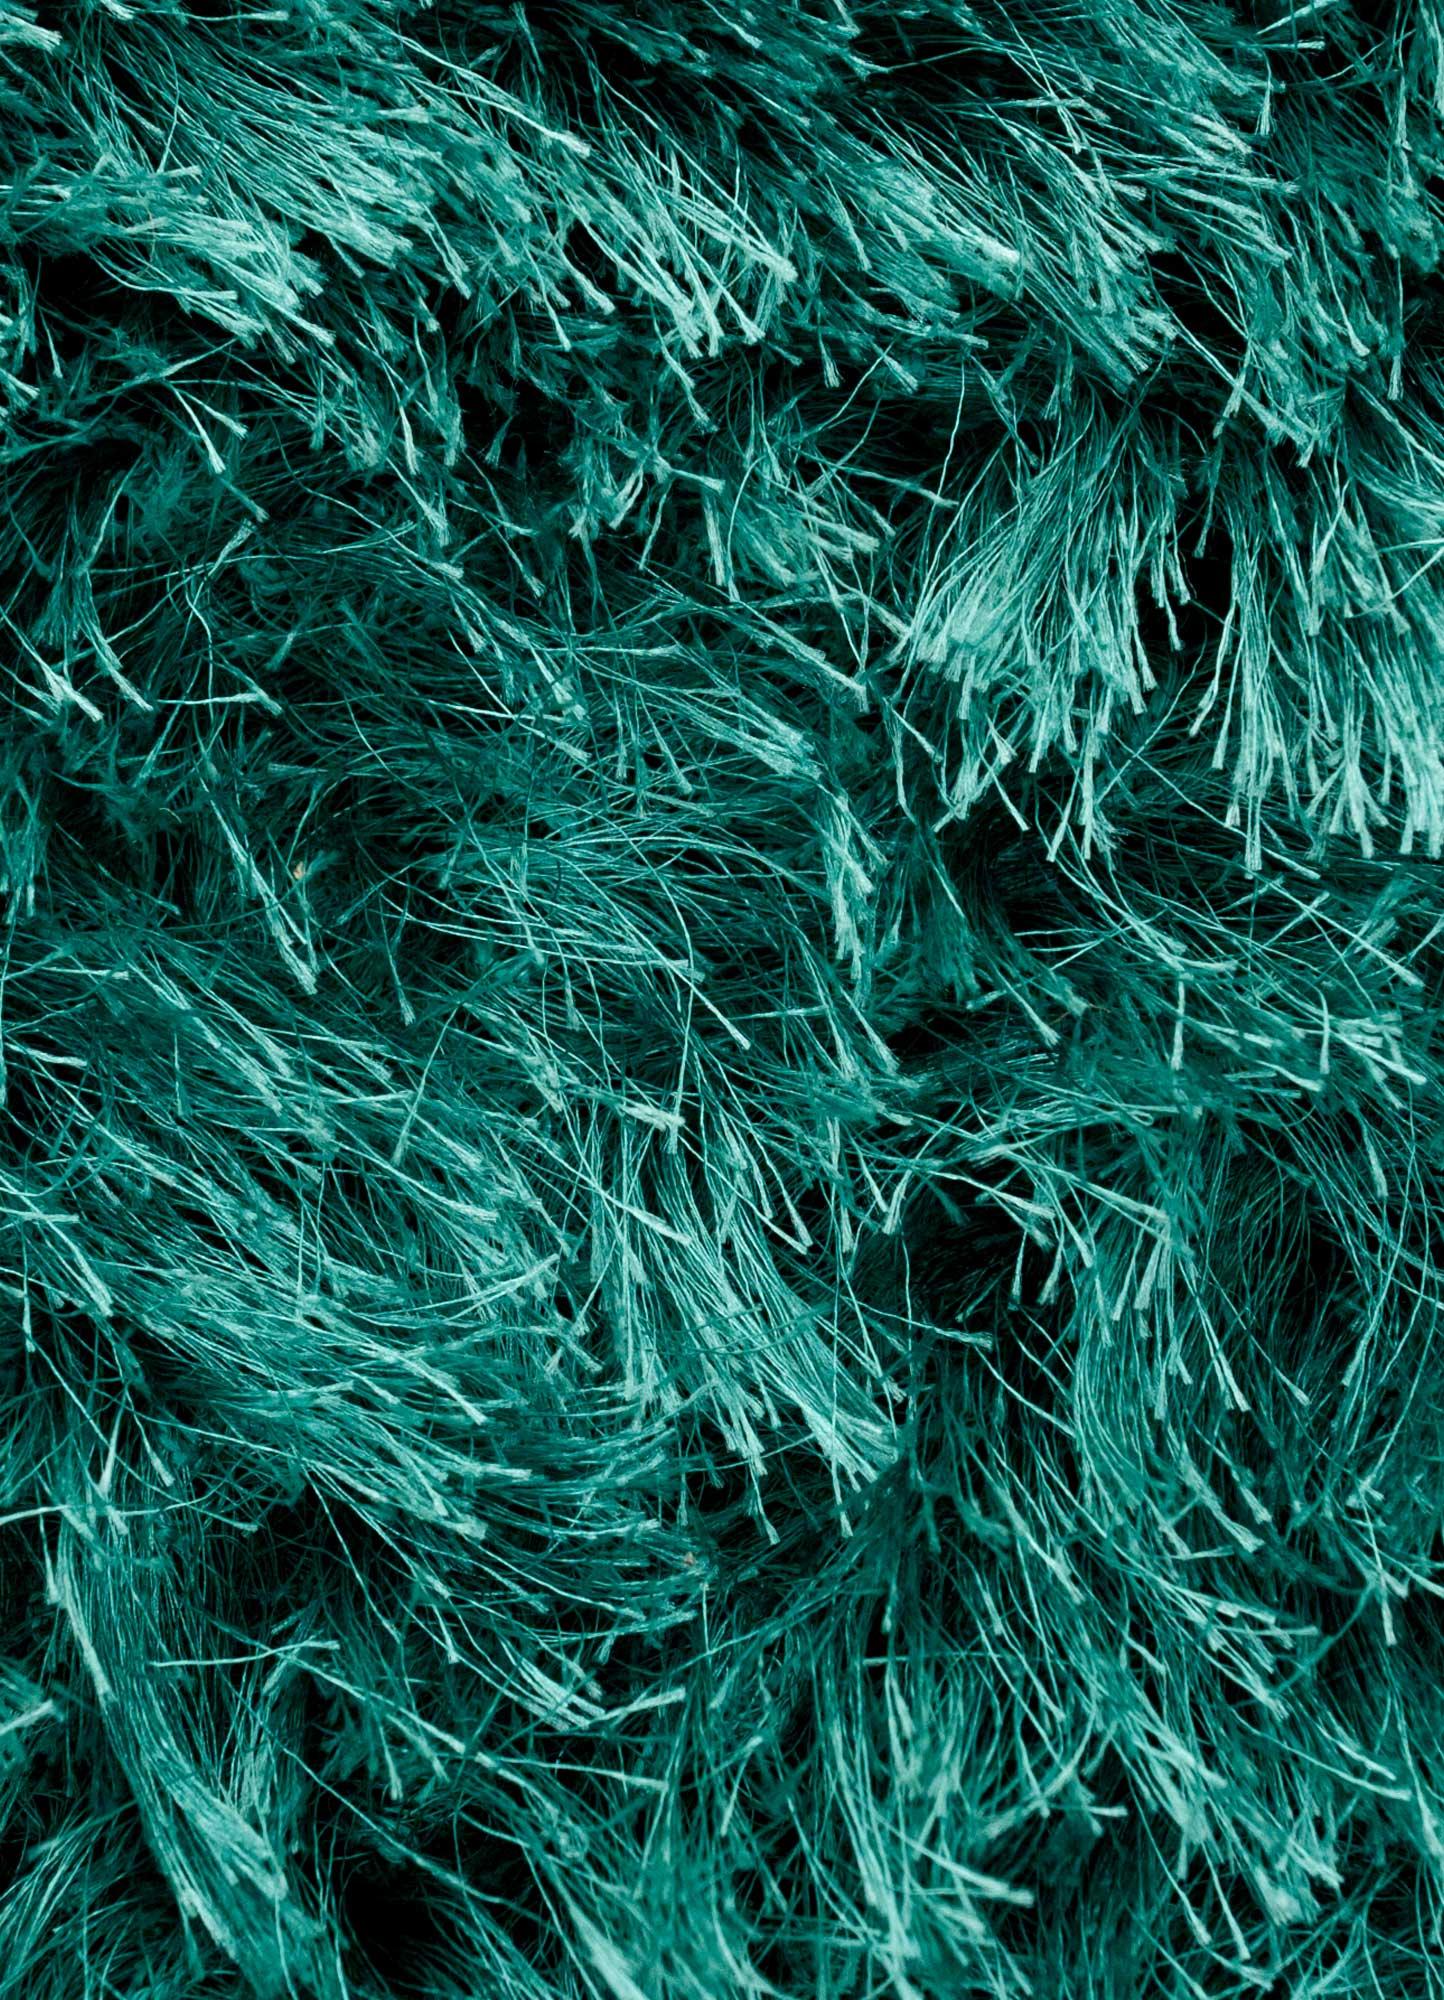 verve blue polyester shag Rug - CloseUp